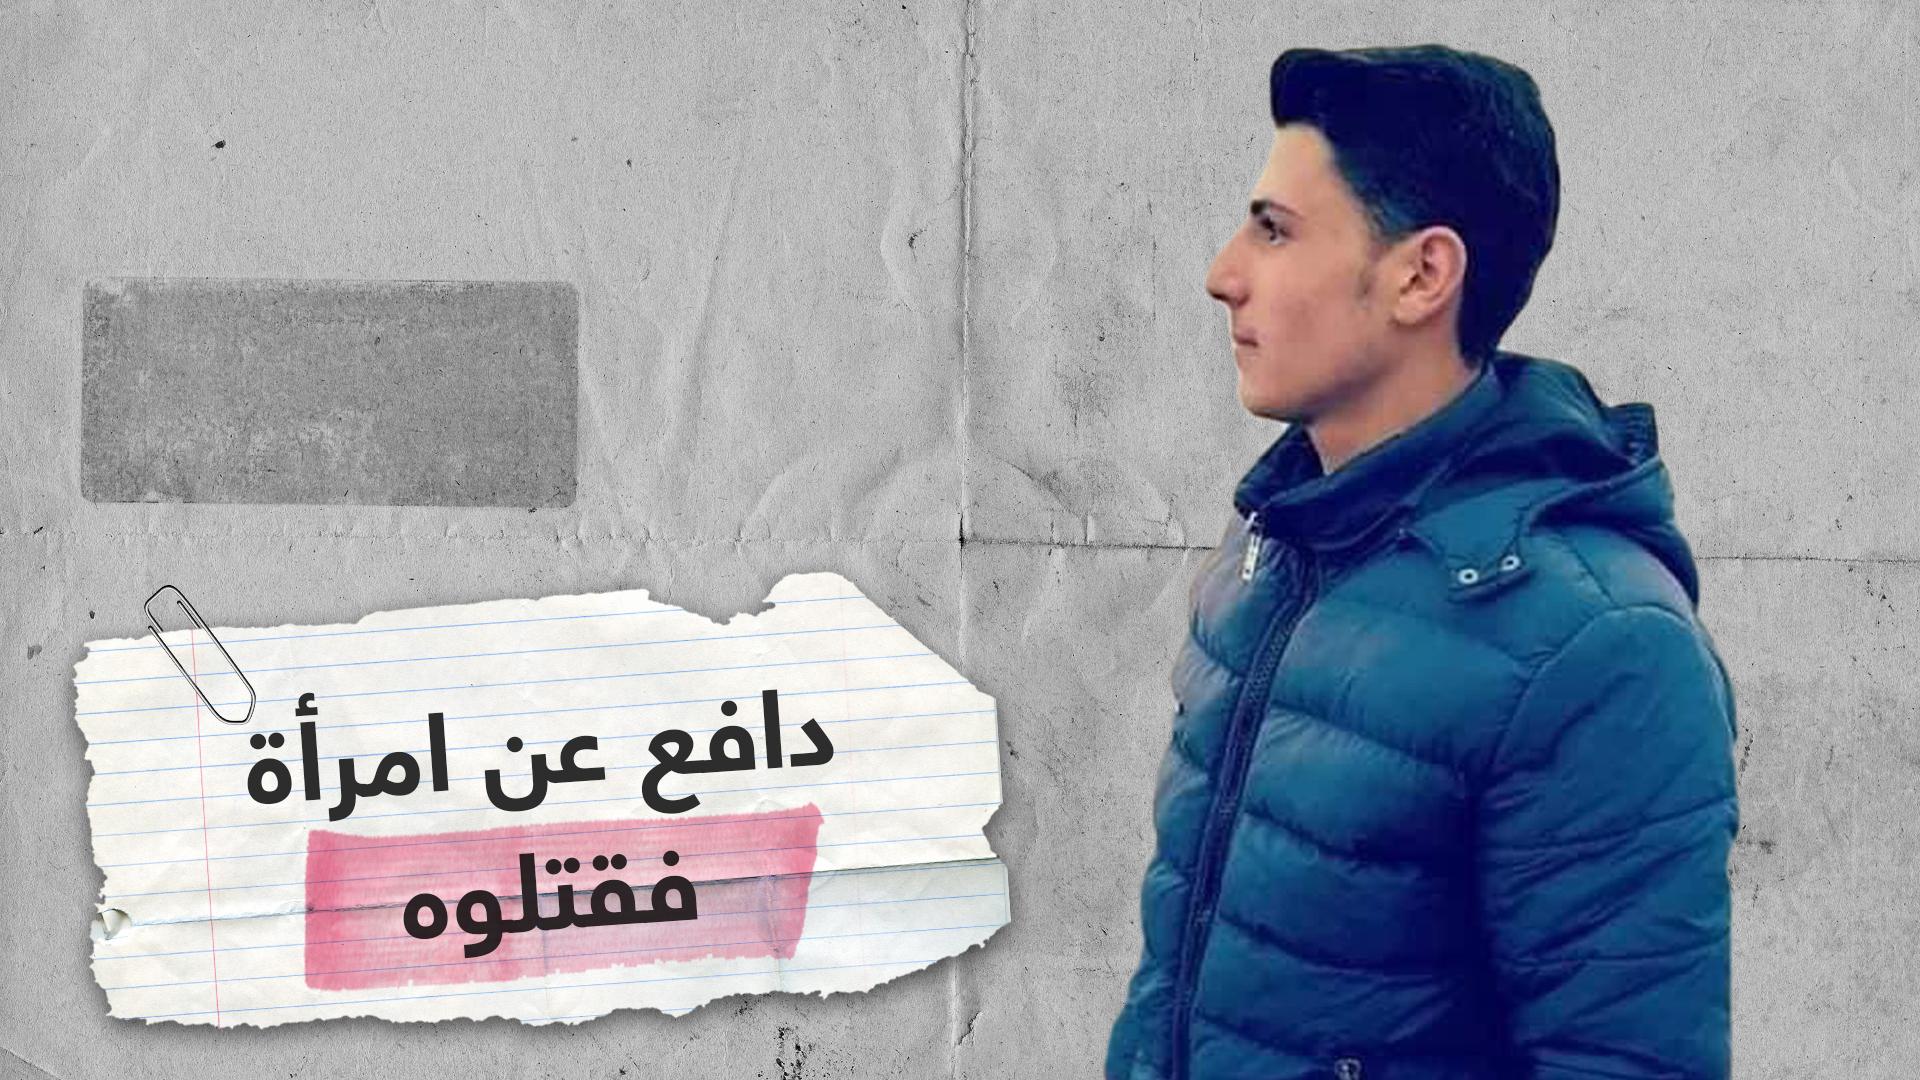 دافع عن امرأة سورية فقتله 4 أتراك!